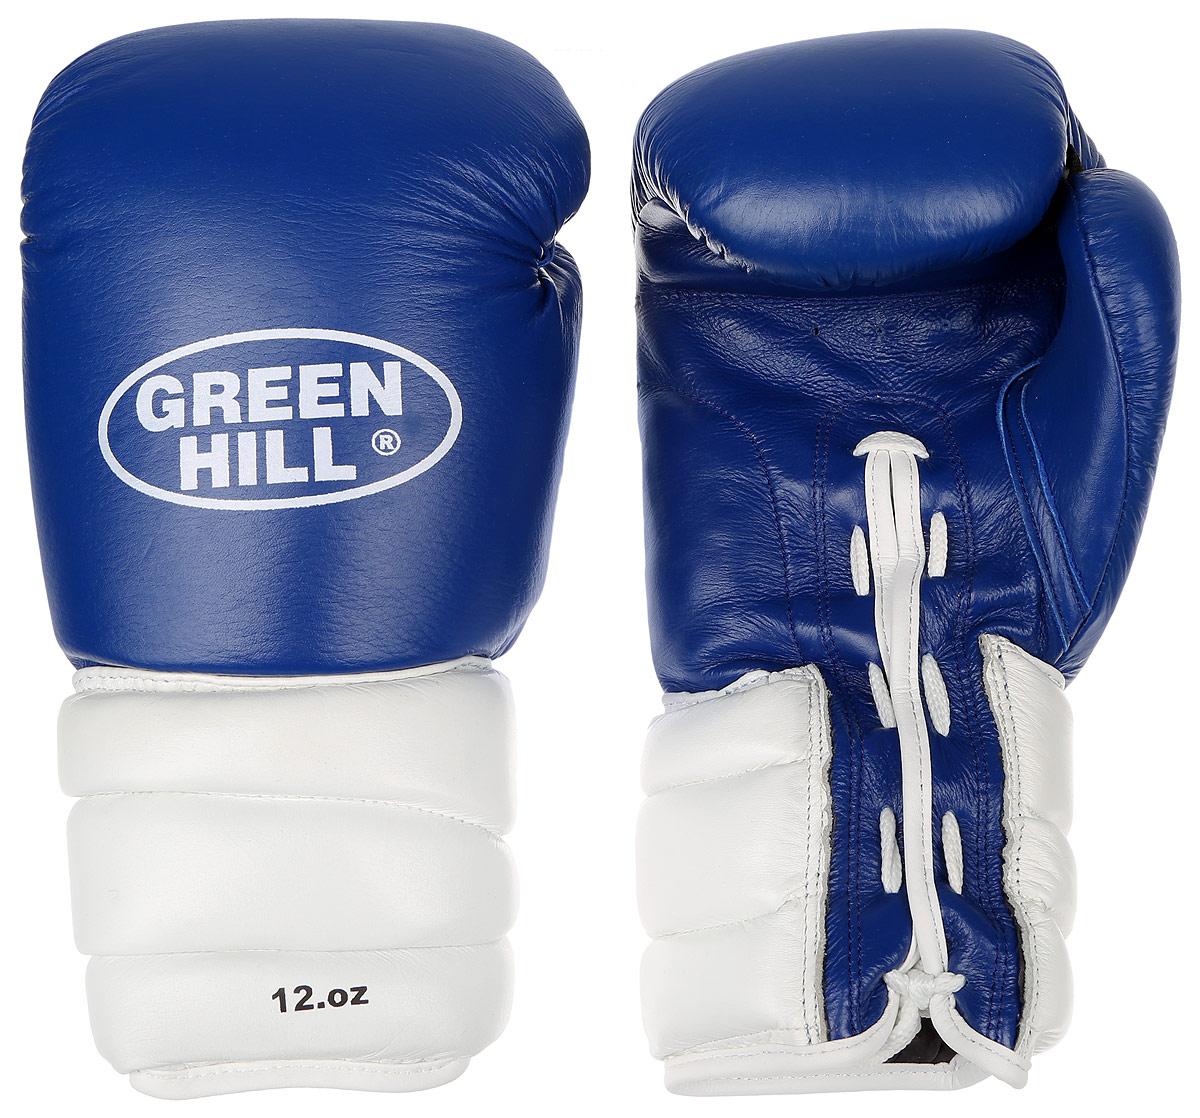 Перчатки боксерские Green Hill Pro Star, цвет: синий, белый. Вес 12 унций. BGPS-2012AIRWHEEL Q3-340WH-BLACKТренировочные боксерские перчатки Green Hill Pro Star отлично подойдут для спаррингов. Верх выполнен из натуральной кожи, наполнитель - из вспененного полимера. Отверстие в области ладони позволяет создать максимально комфортный терморежим во время занятий. Удлиненный сегментированный манжет способствует быстрому и удобному надеванию перчаток, плотно фиксирует их на руке.